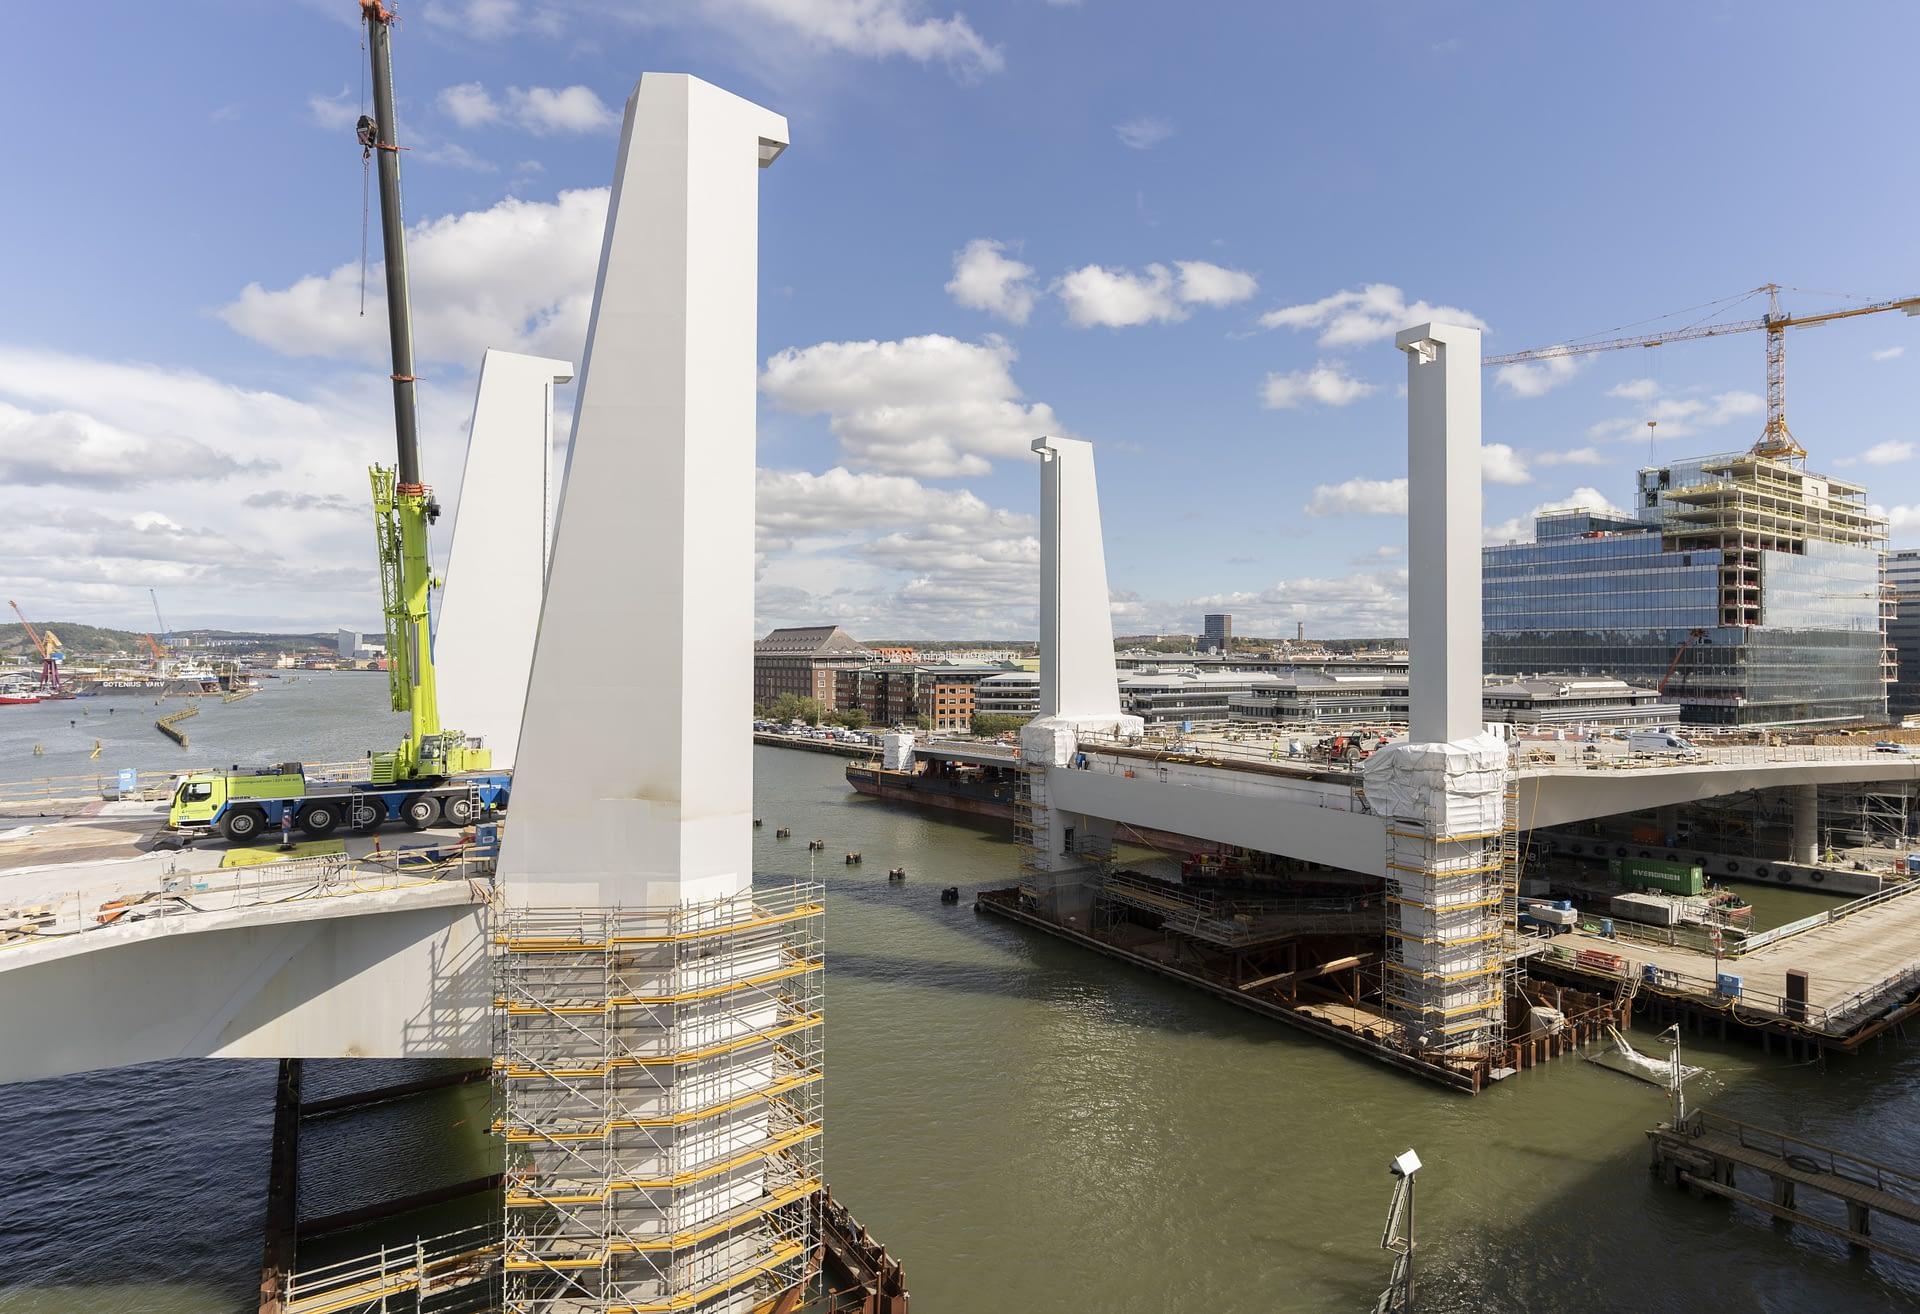 Bakom pylonerna ligger lyftbron, som snart kommer att monteras.